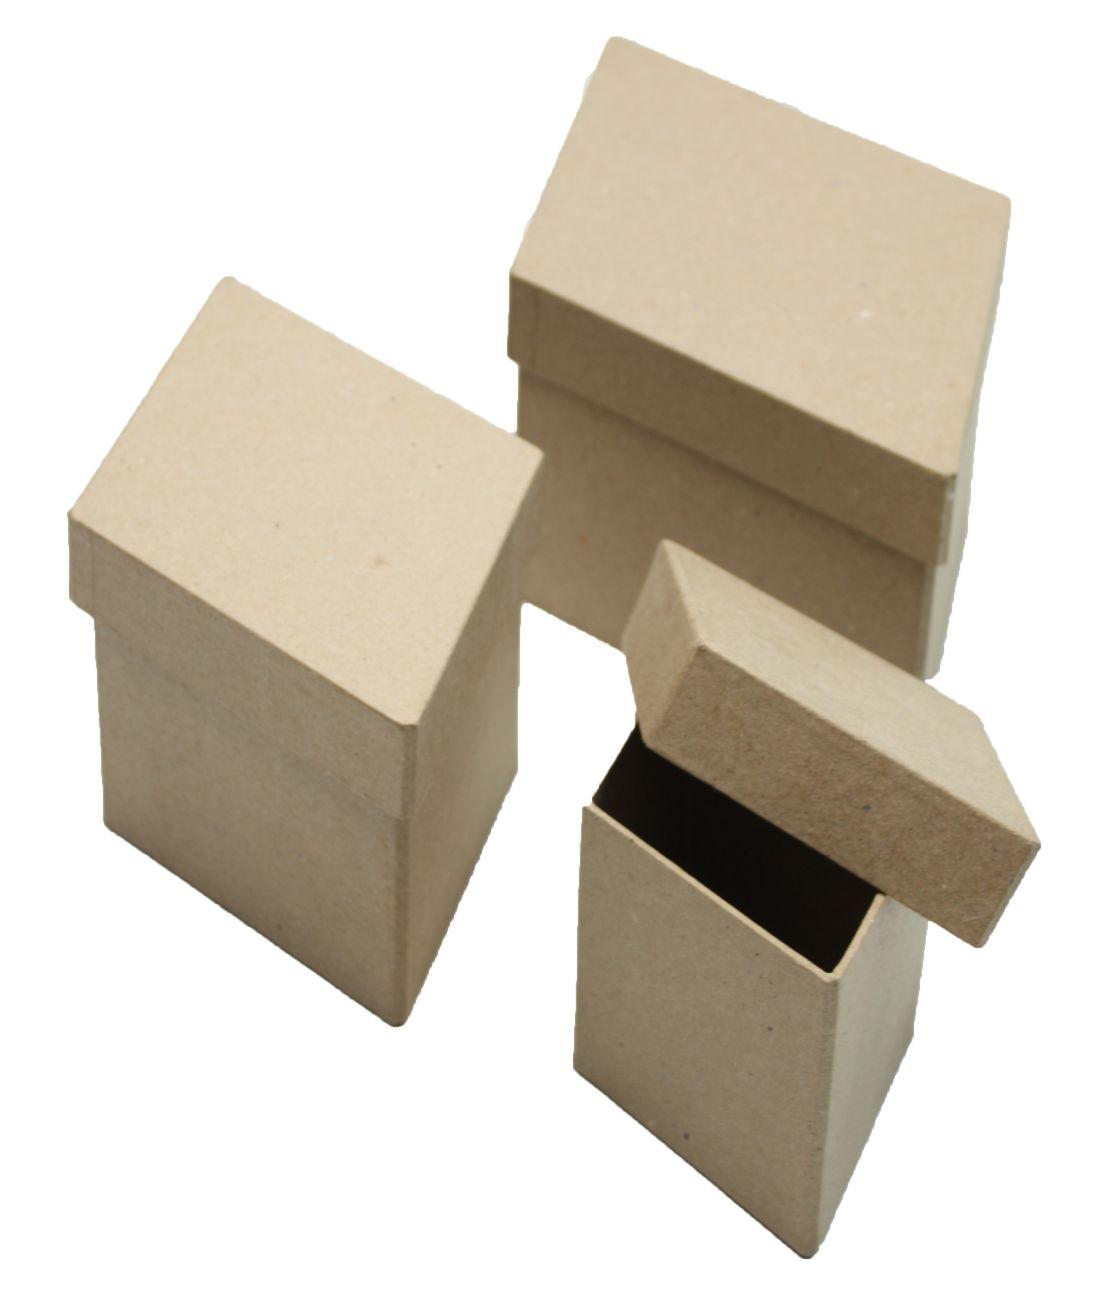 Заготовка папье-маше Набор: 3 коробочки в форме кристалла